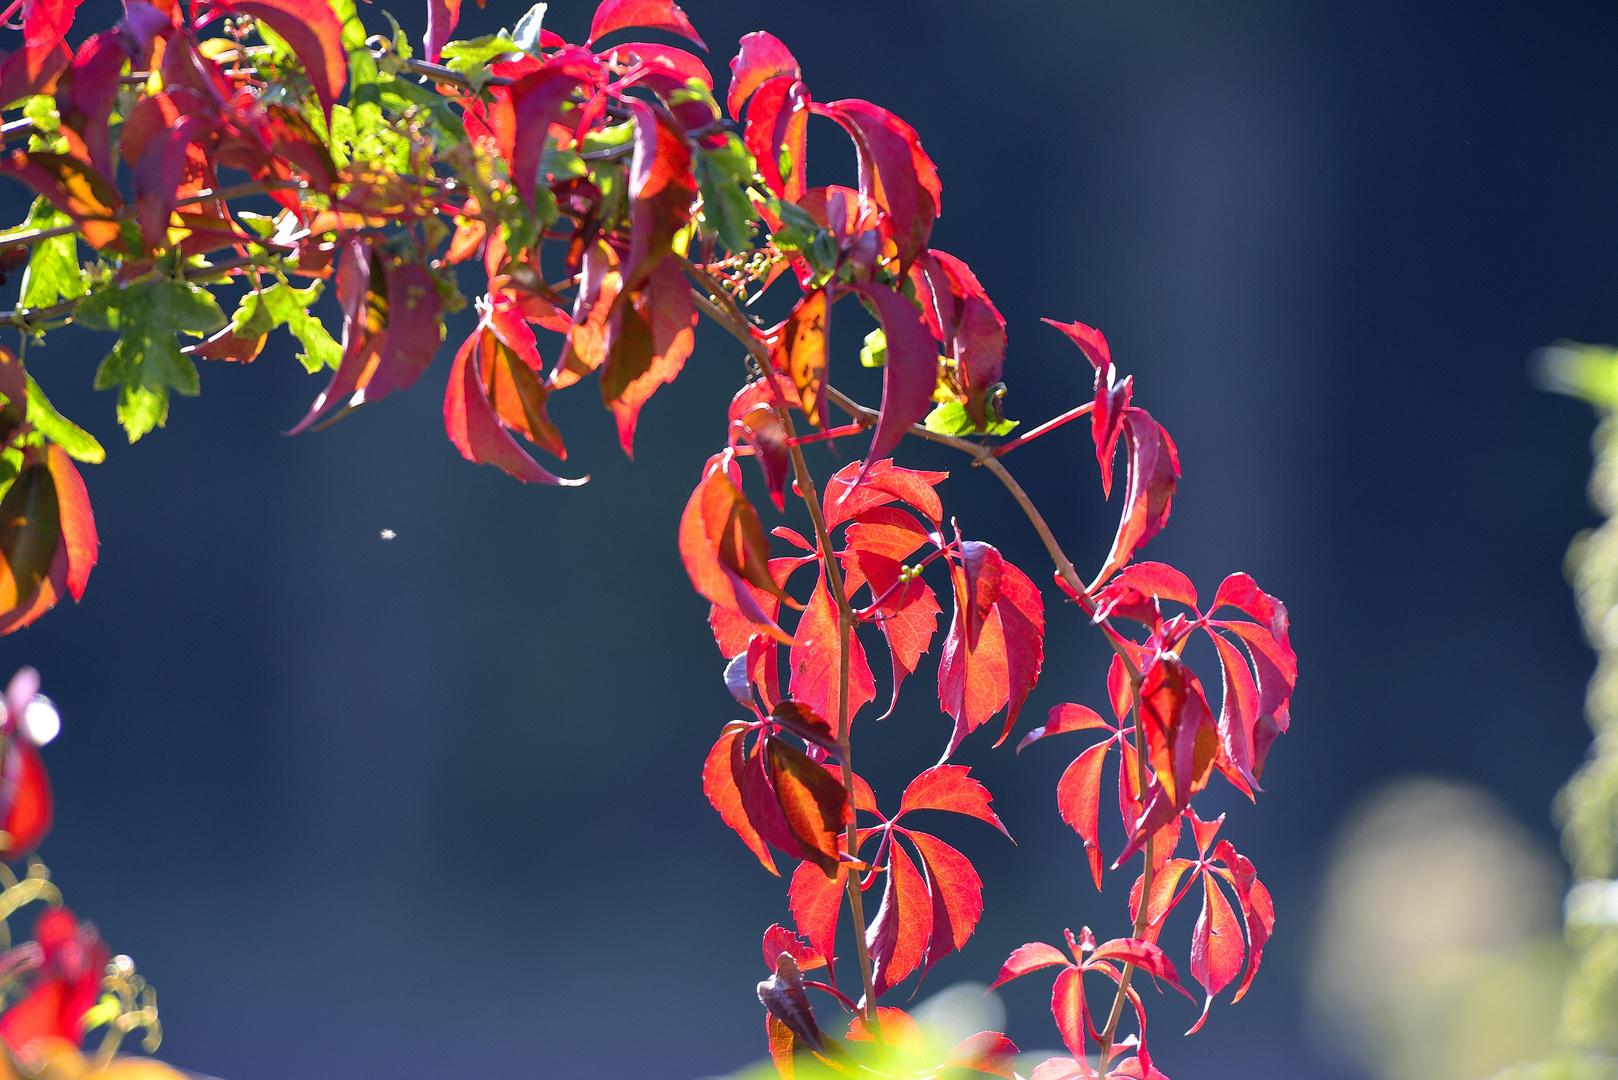 Herbst in meinem Garten